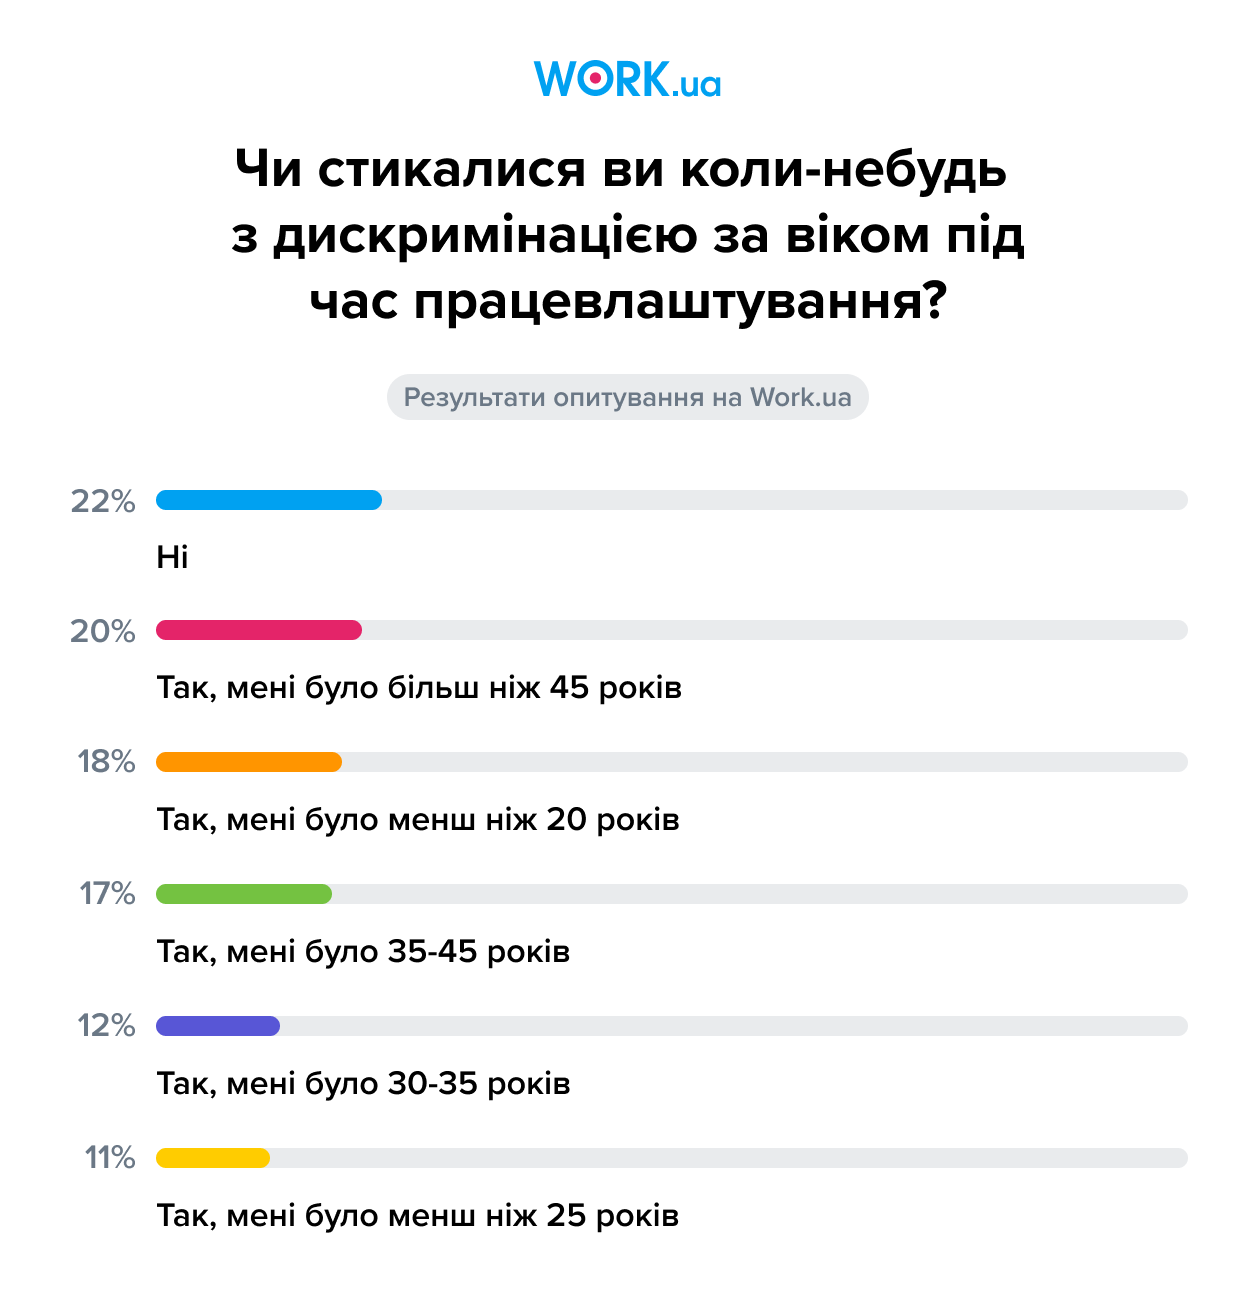 Опитування проводилося в червні 2021 року. У ньому взяли участь 2138 осіб.